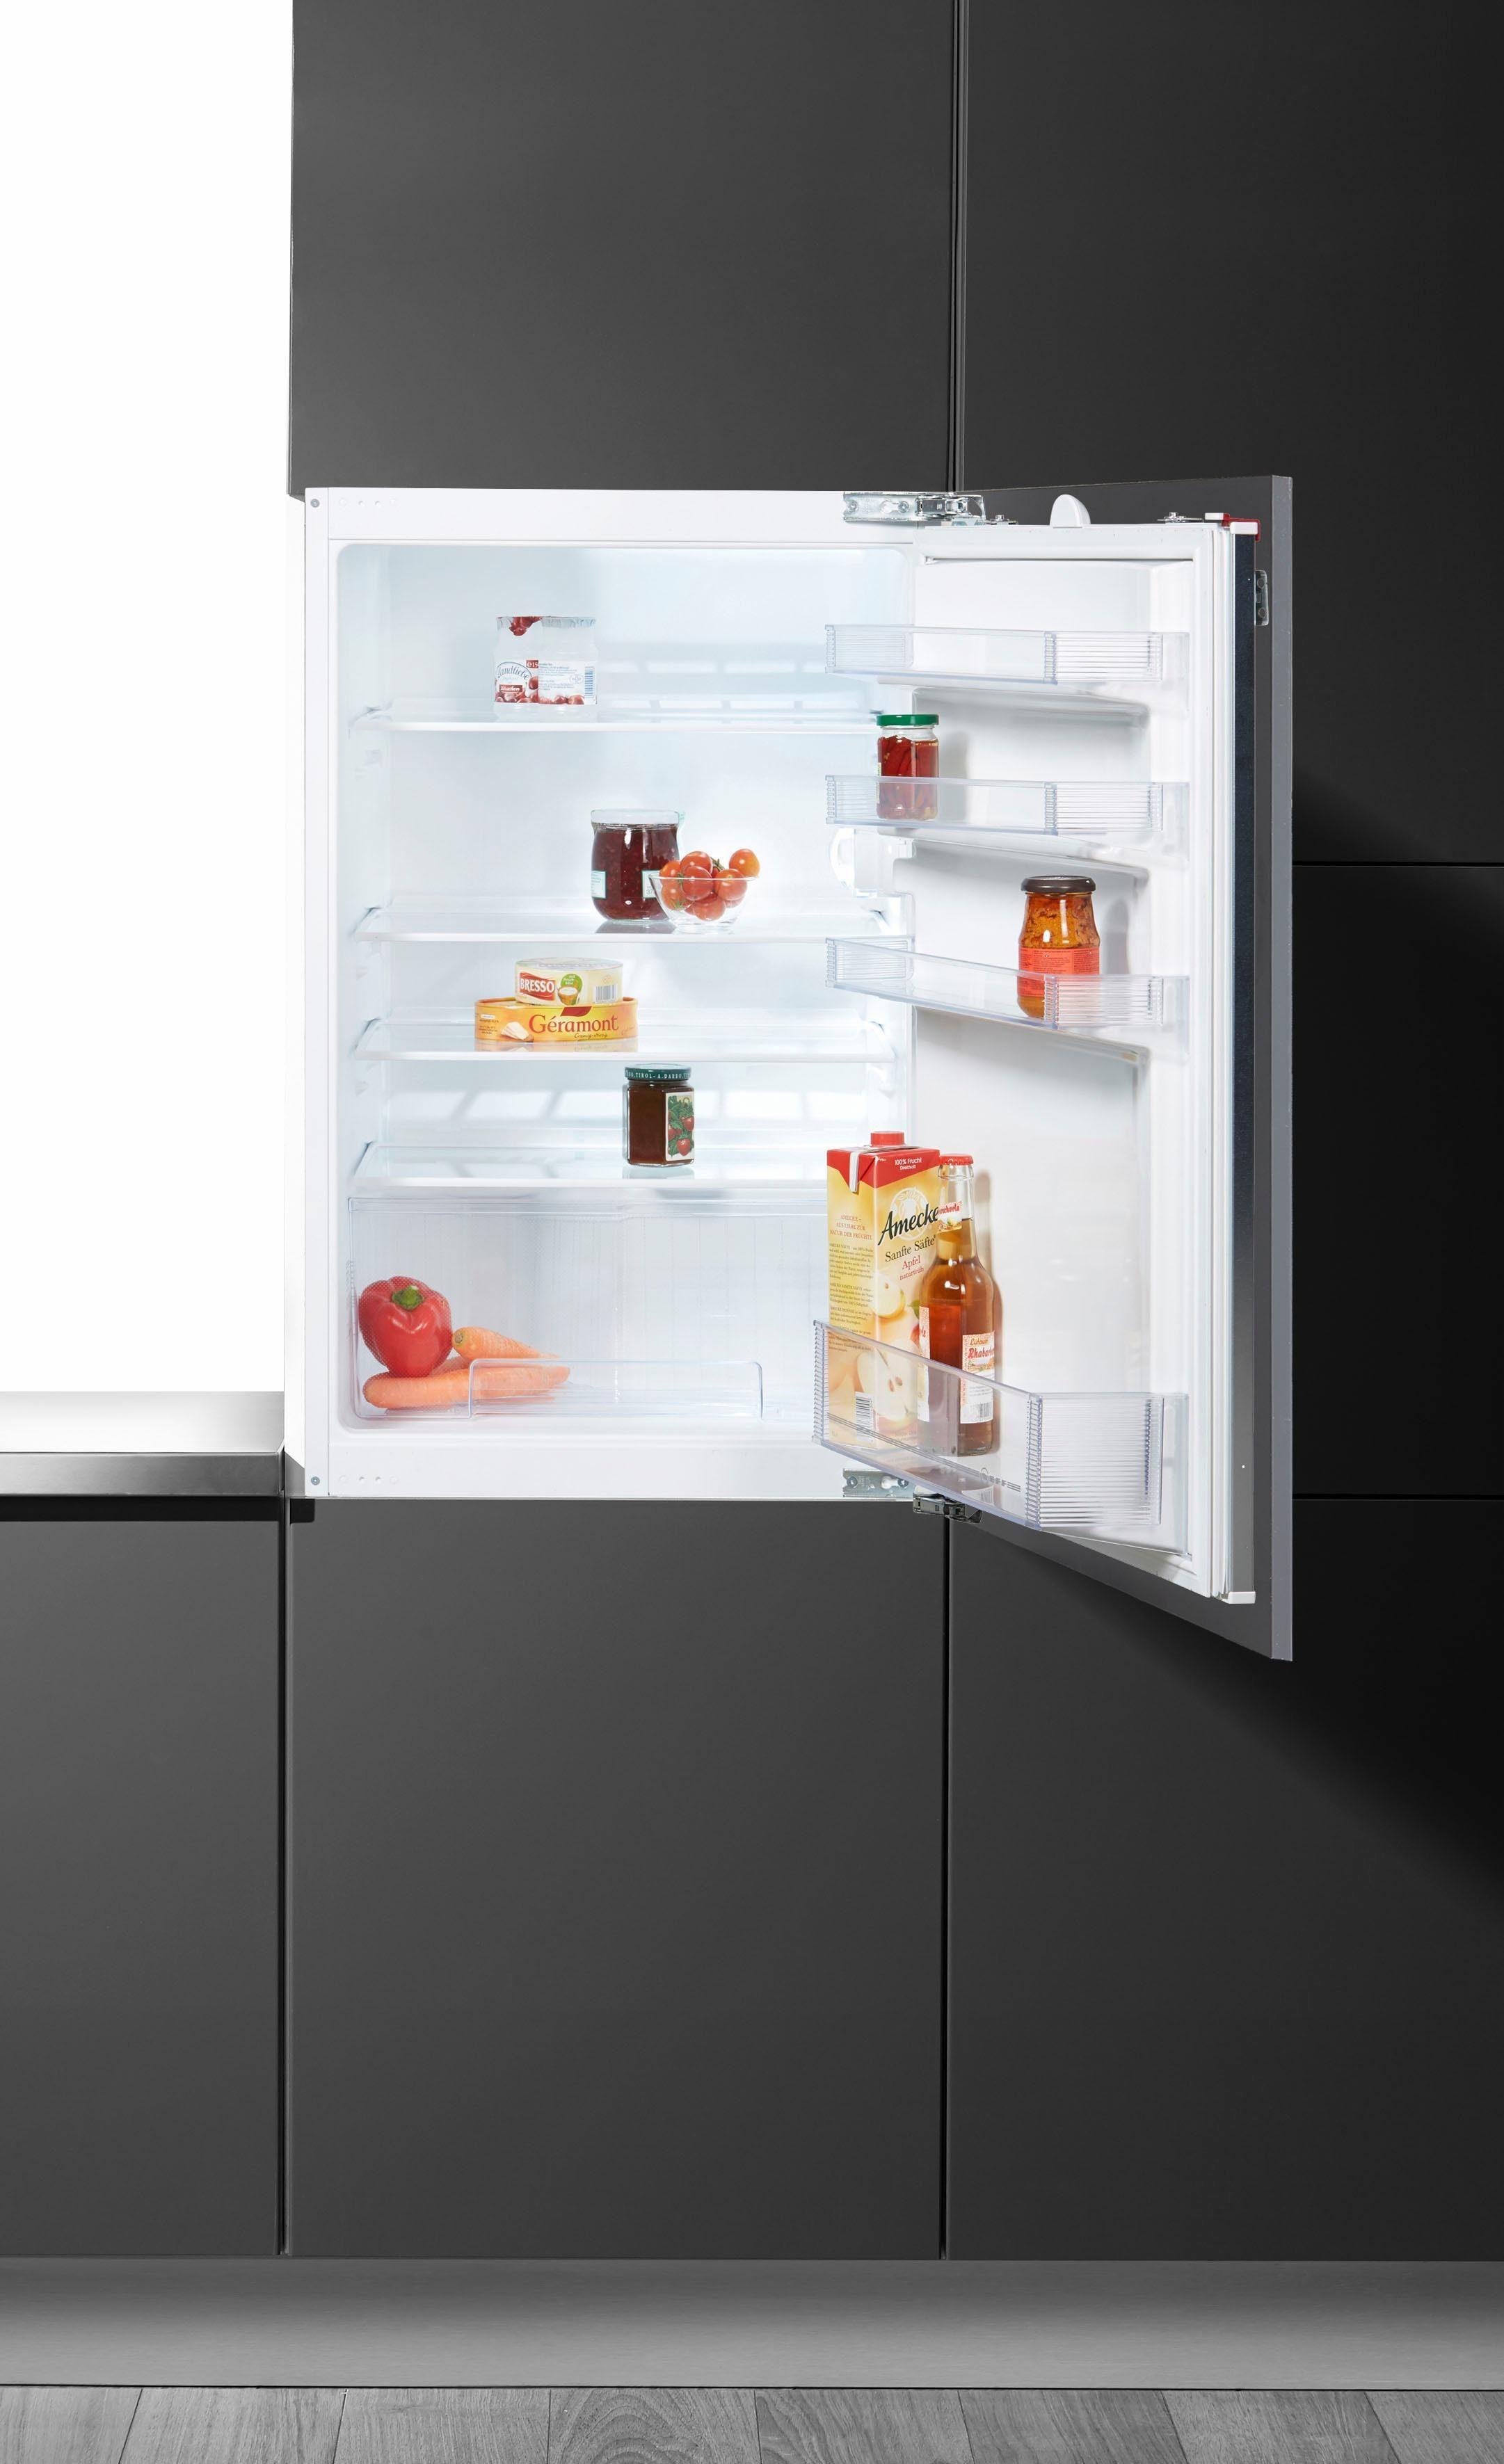 Neff integrierbarer Einbaukühlschrank K215A2 / K1515X8, Energieklasse A++, 87,4 cm hoch